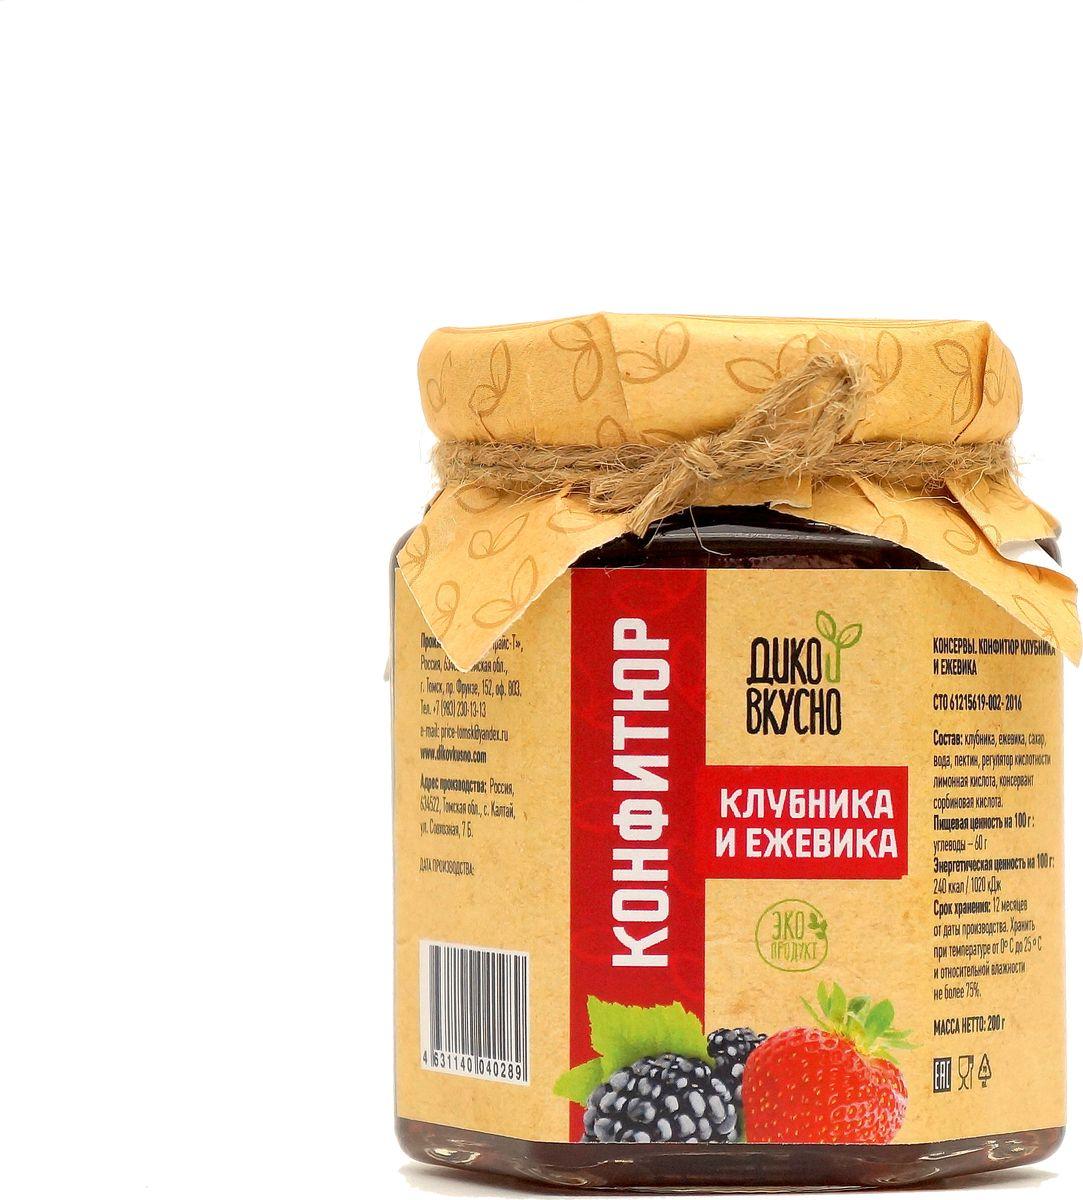 Дико Вкусно Конфитюр клубника и ежевика, 200 г дико вкусно соус ягодный брусника с перцем чили 200 г